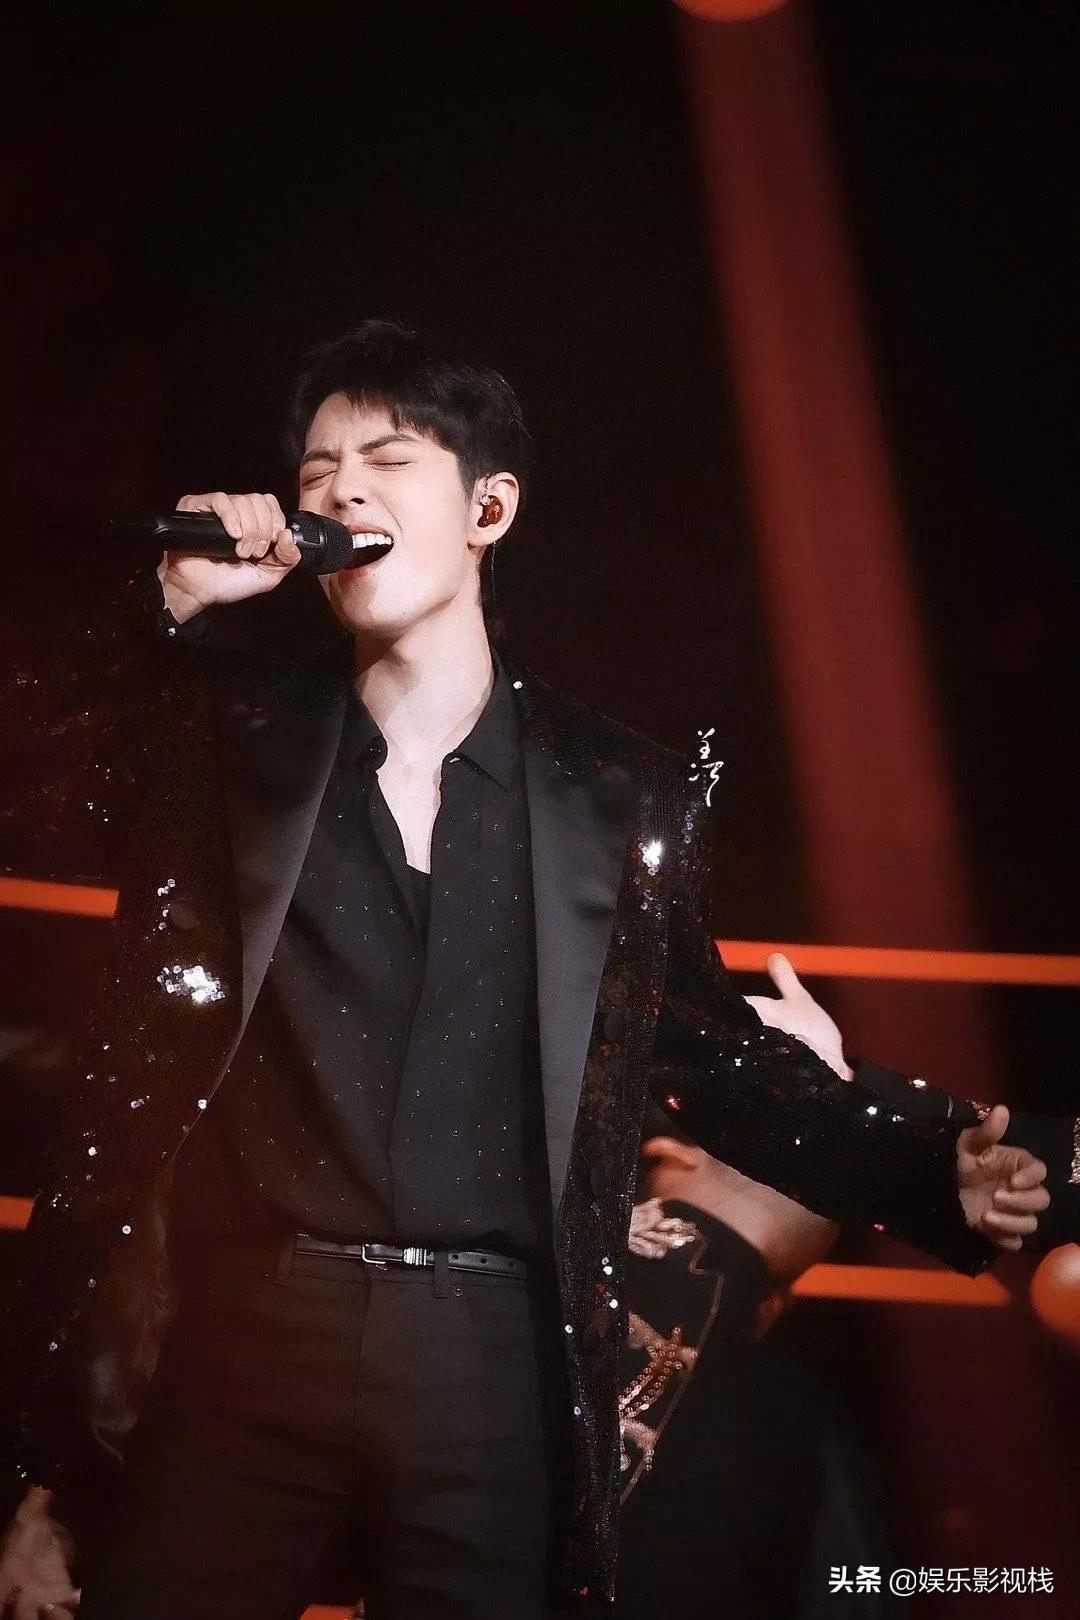 恭喜肖战获得年度男歌手称号,既会演戏又会唱歌,太优秀了!